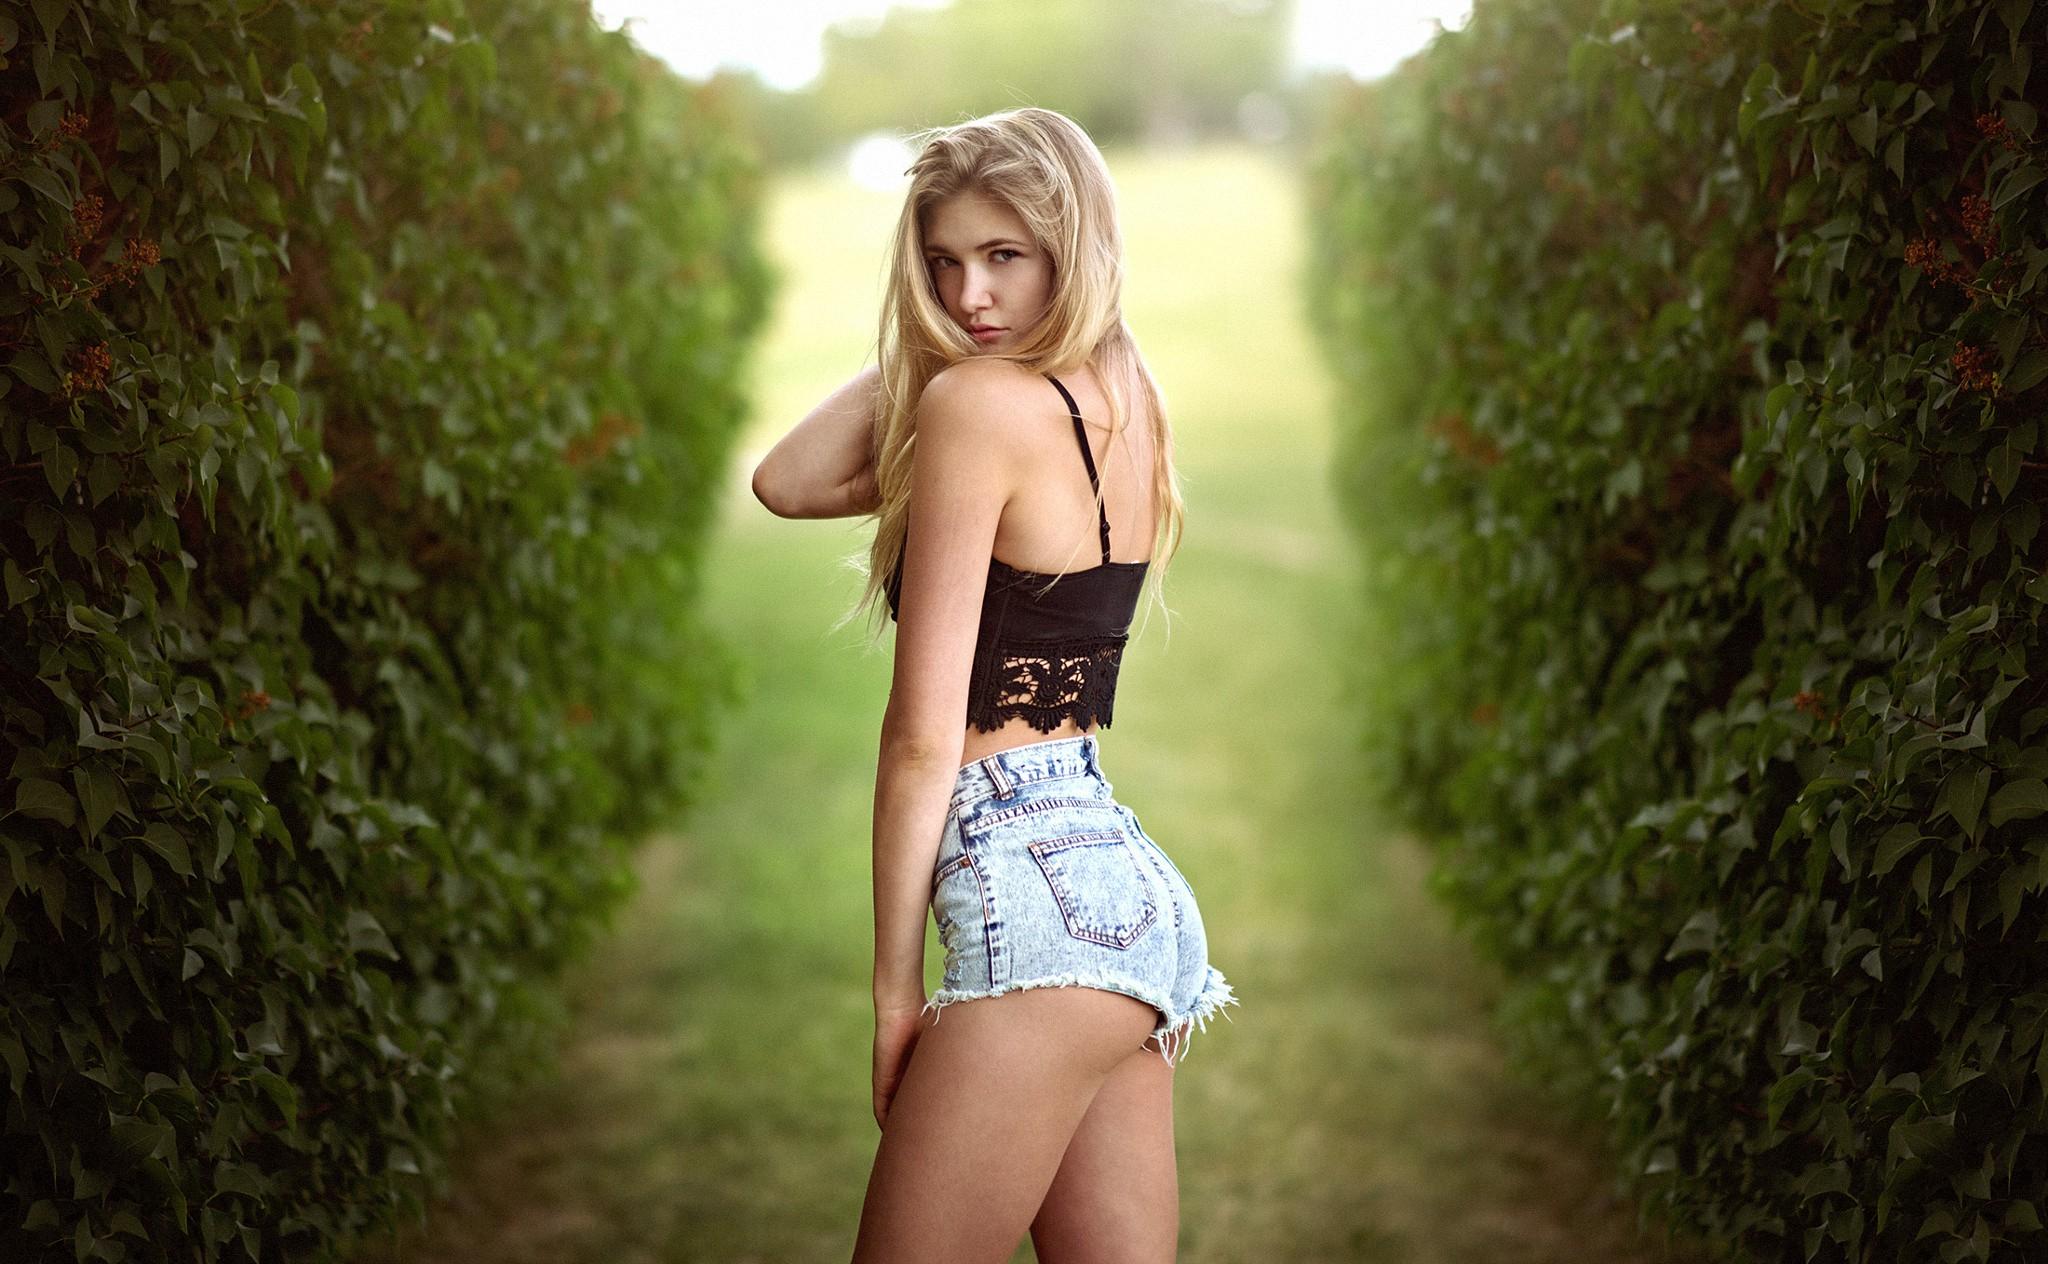 Фото попки блондинки #11